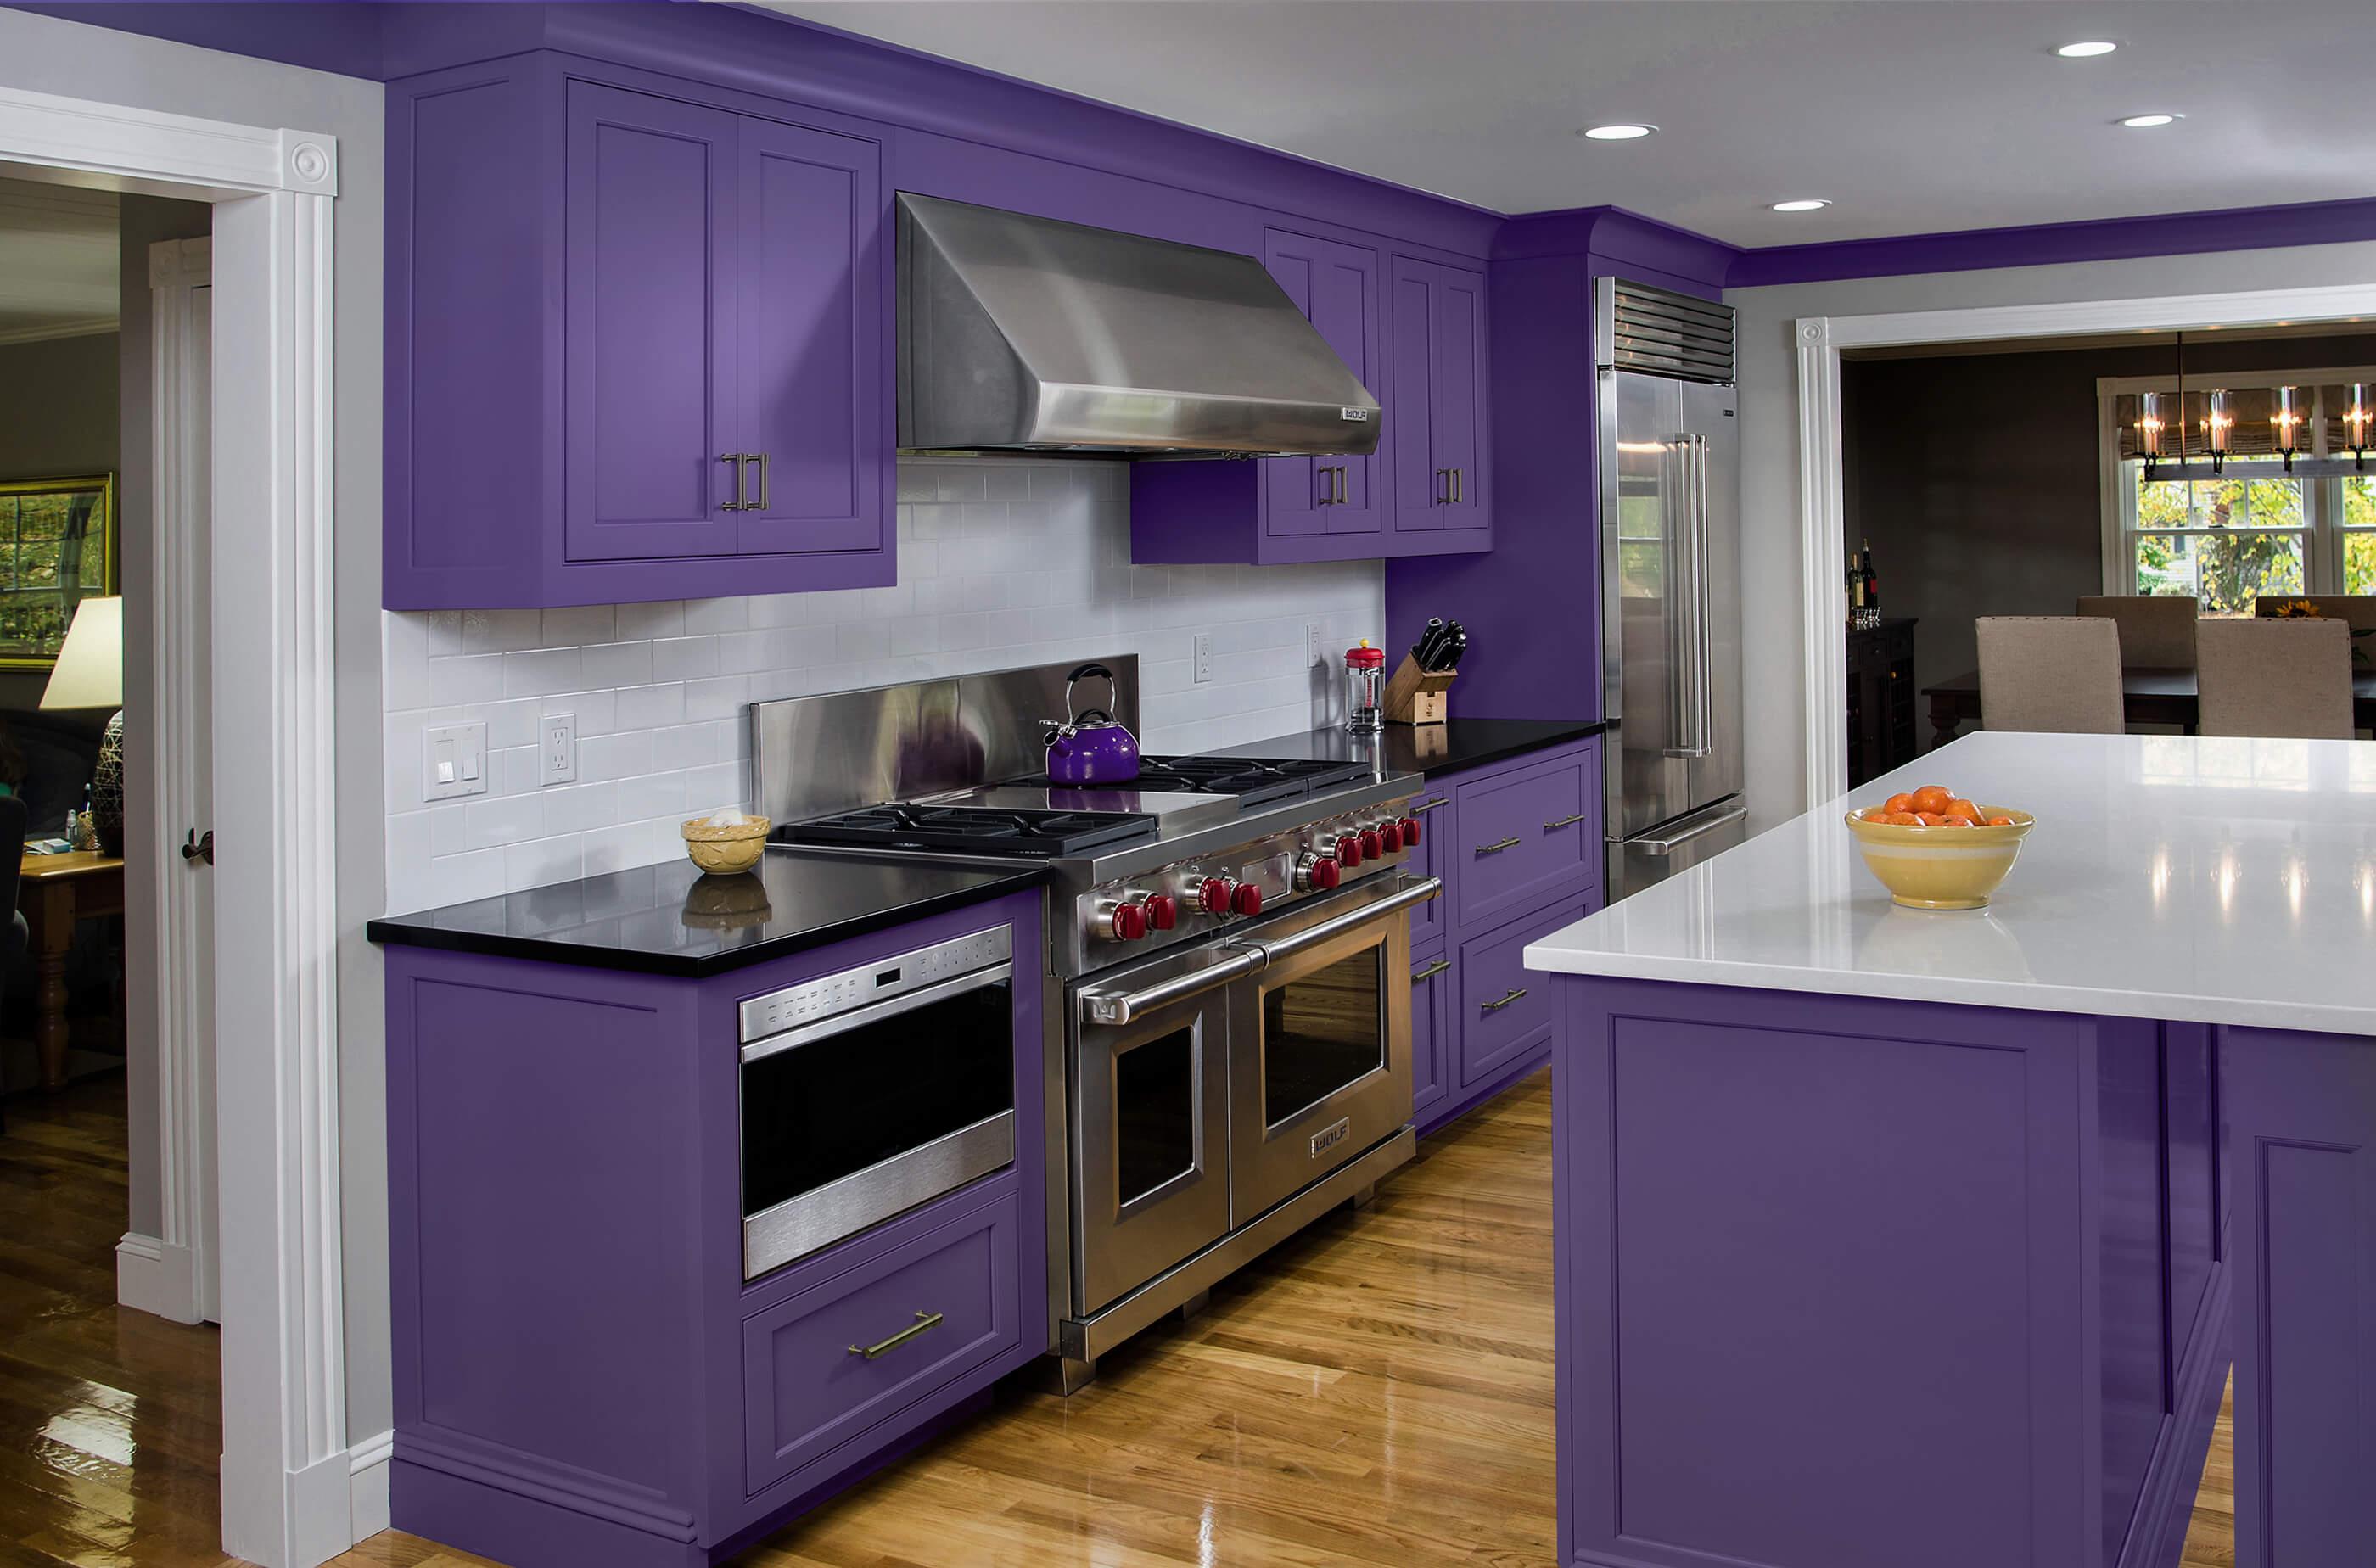 Photo of Bari purple kitchen